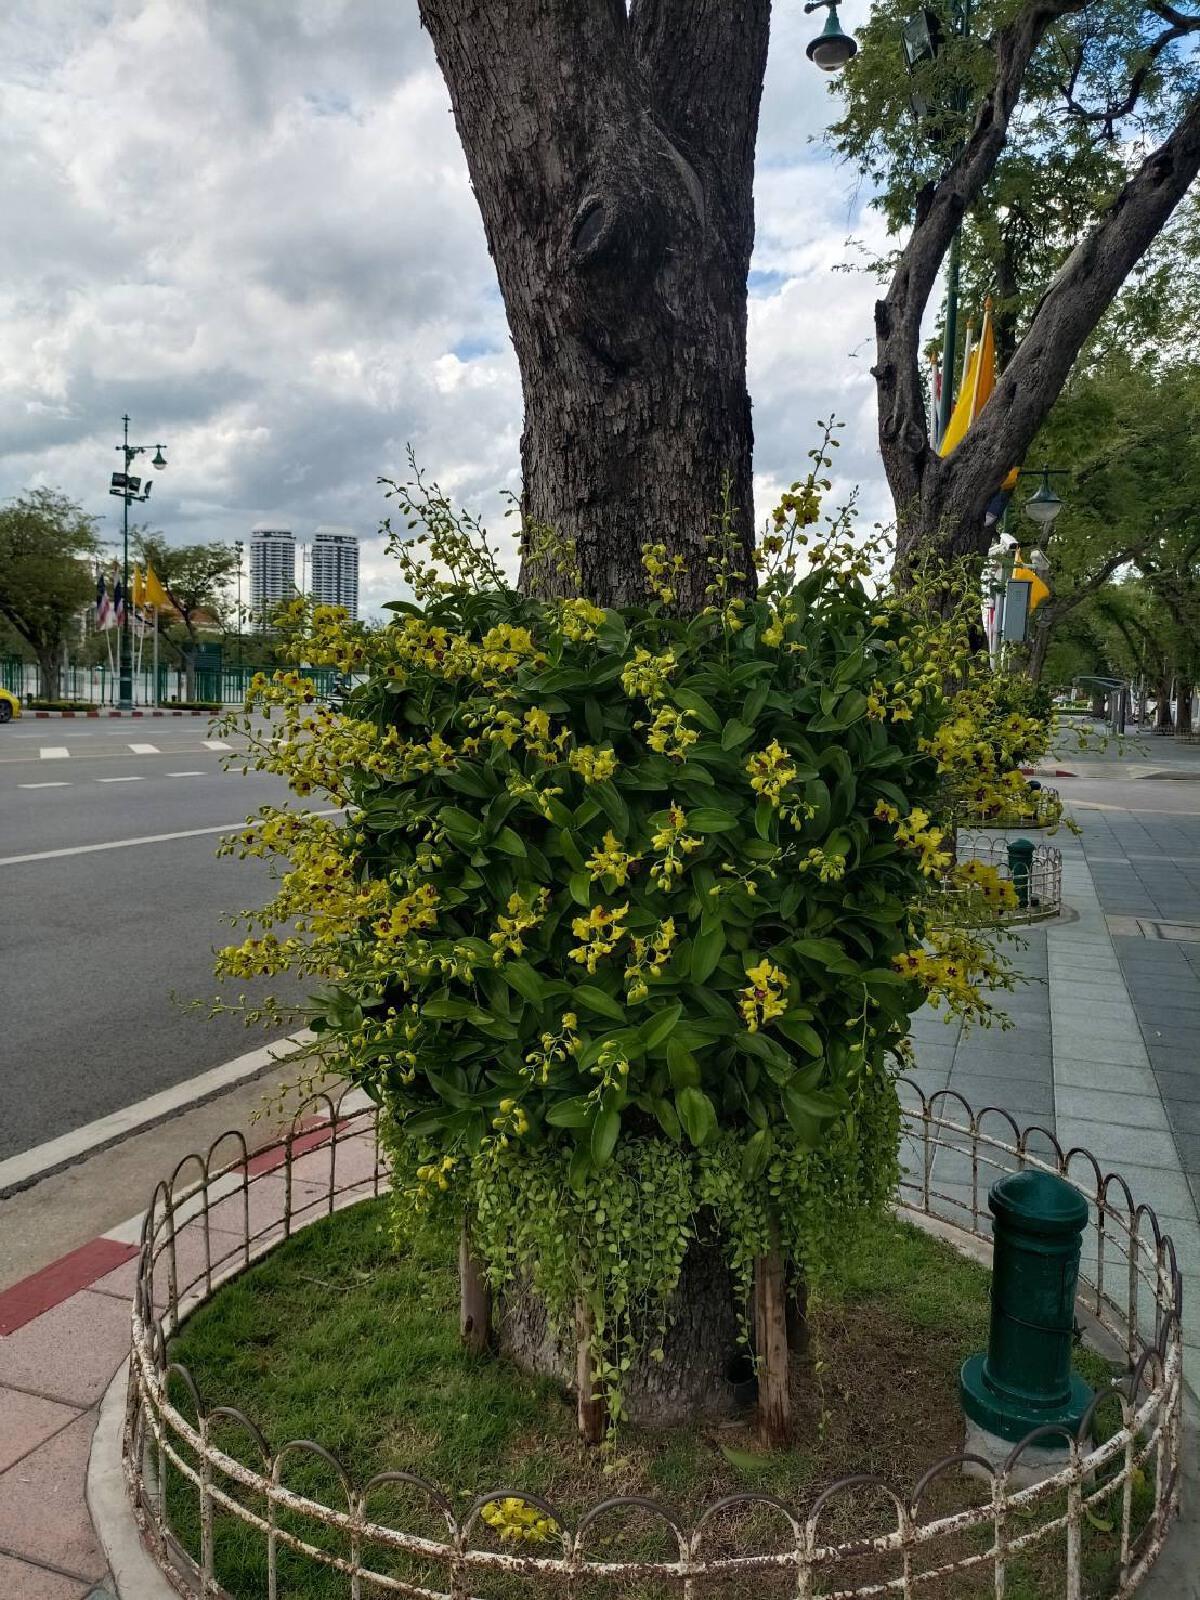 กทม.ประดับไม้ดอกแต่งเมือง 2 แสนต้น-ไฟสวยงาม วันเฉลิมพระชนมพรรษา ร.10